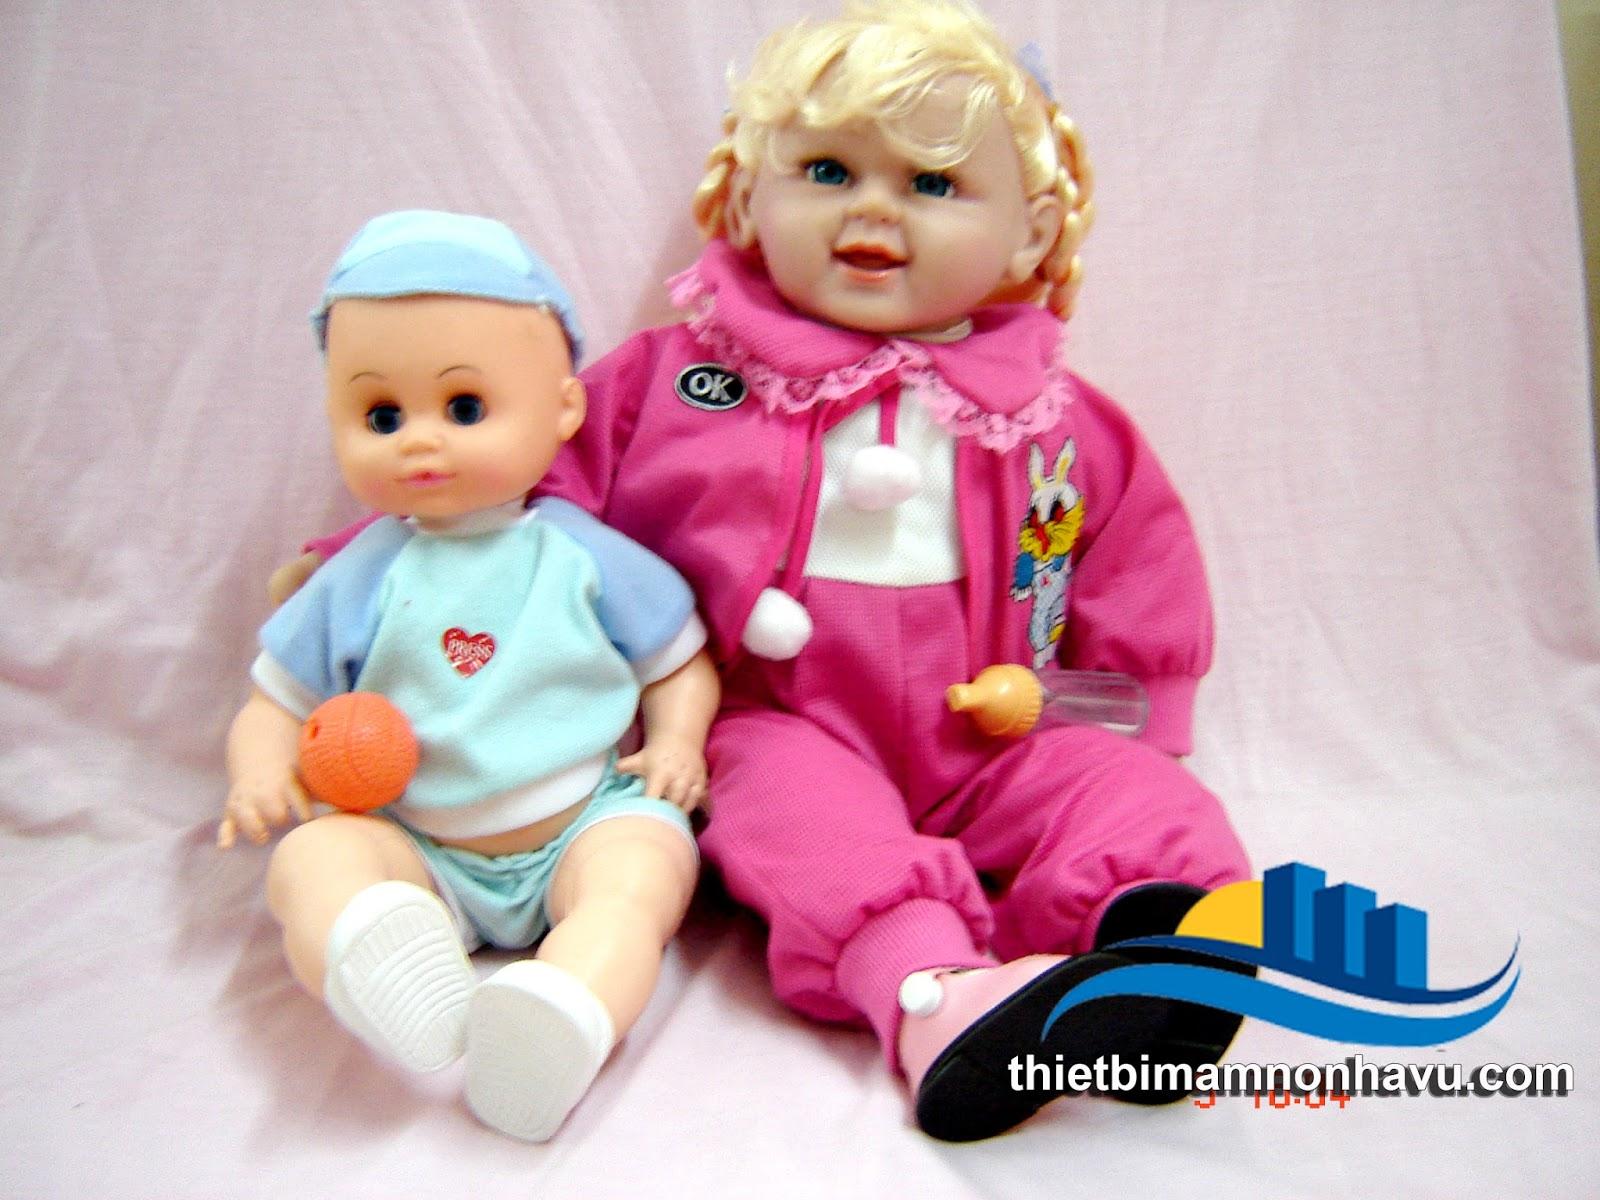 Cửa hàng đồ chơi trẻ em gồm có thành phần cư dân